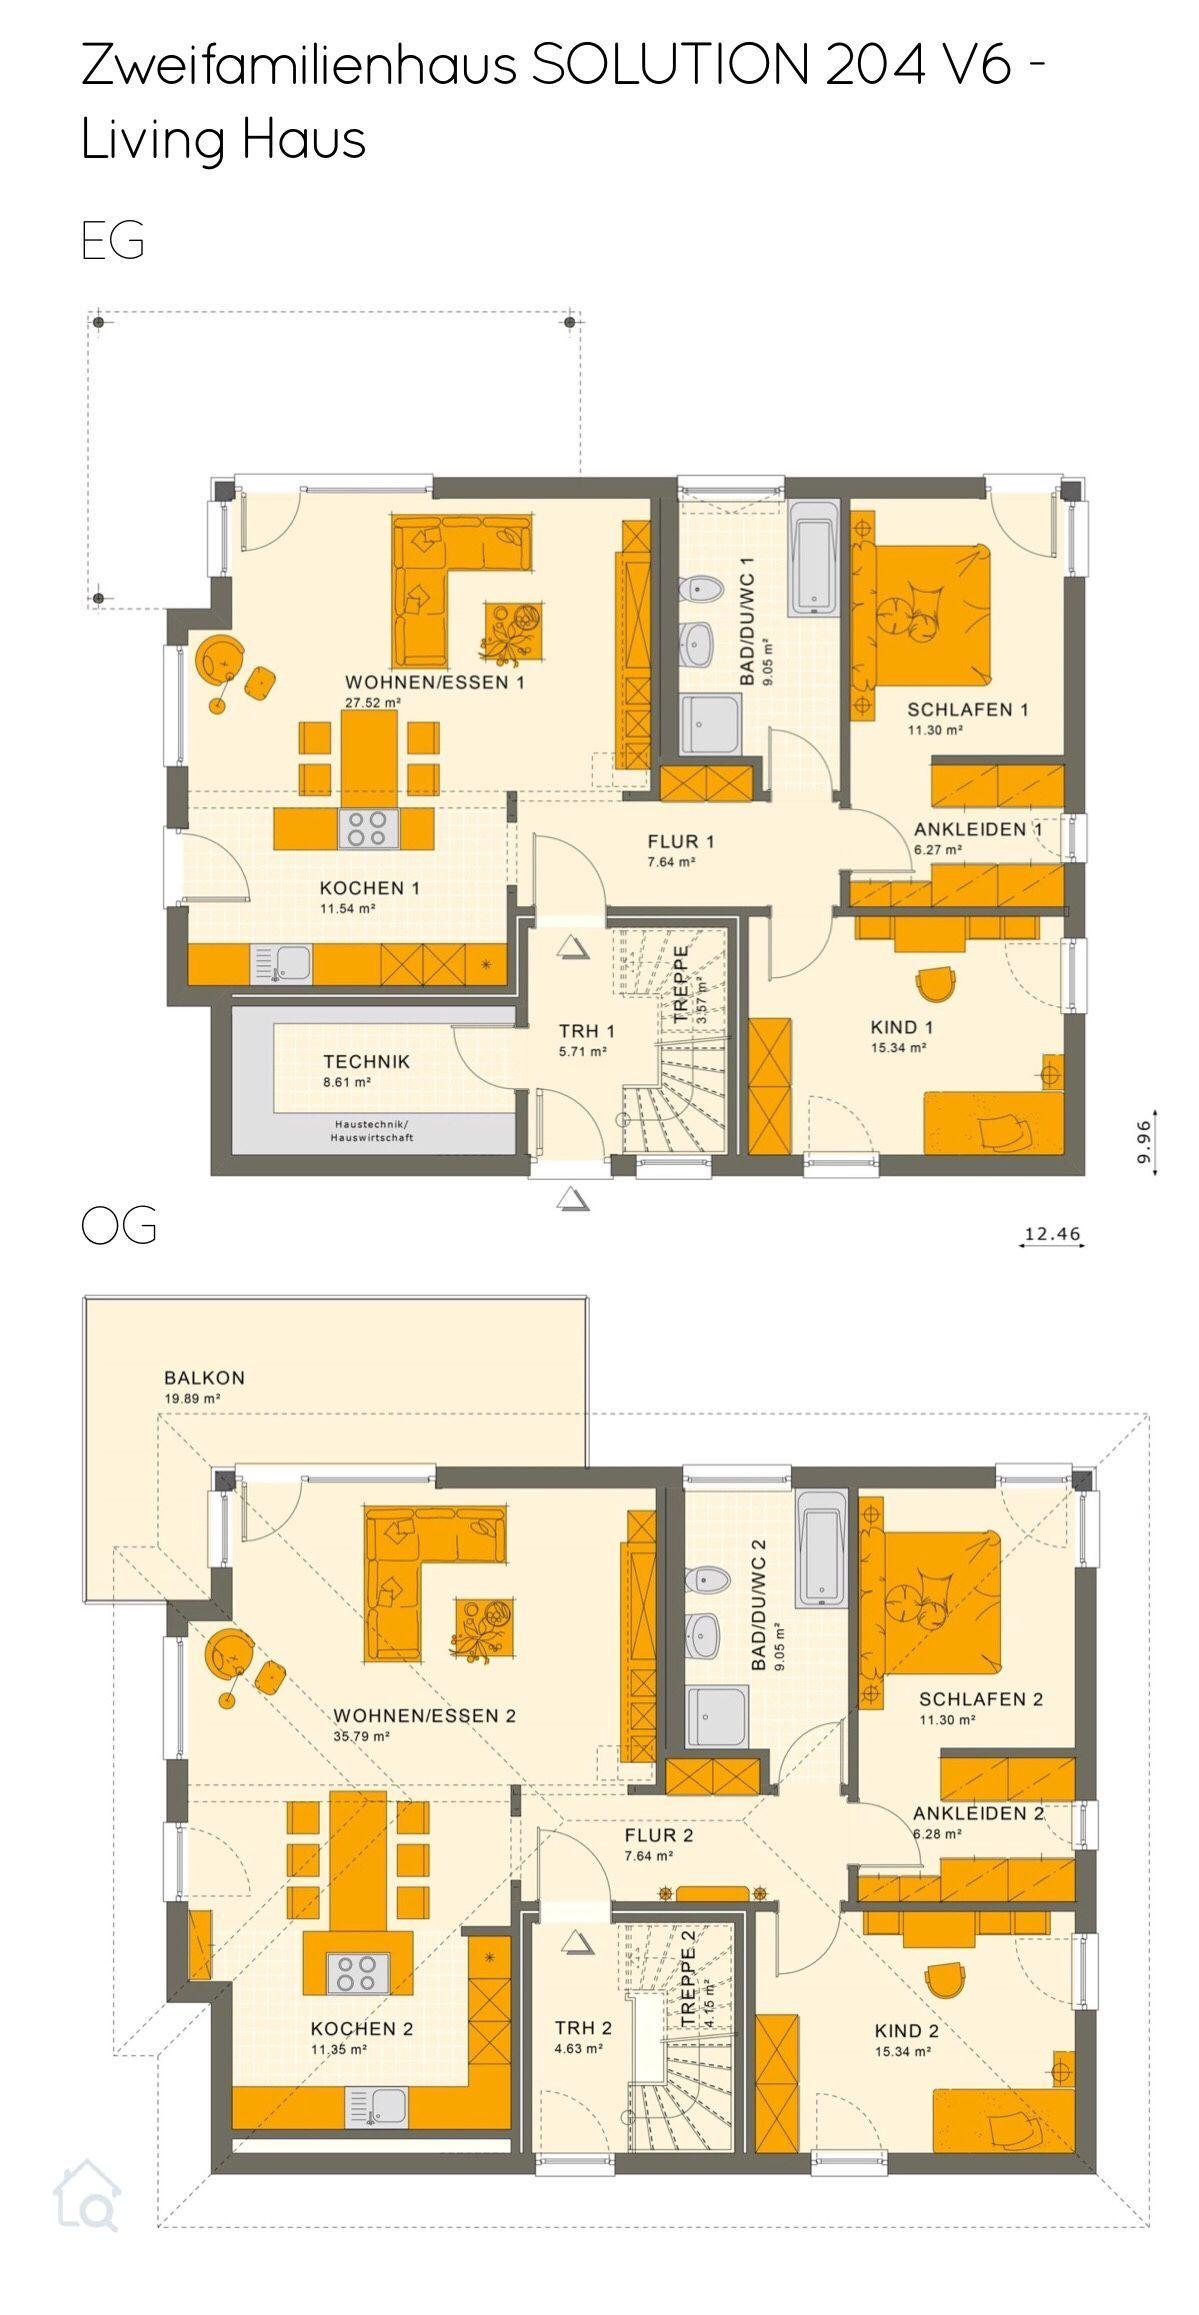 Grundriss Zweifamilienhaus als Stadtvilla mit Walmdach